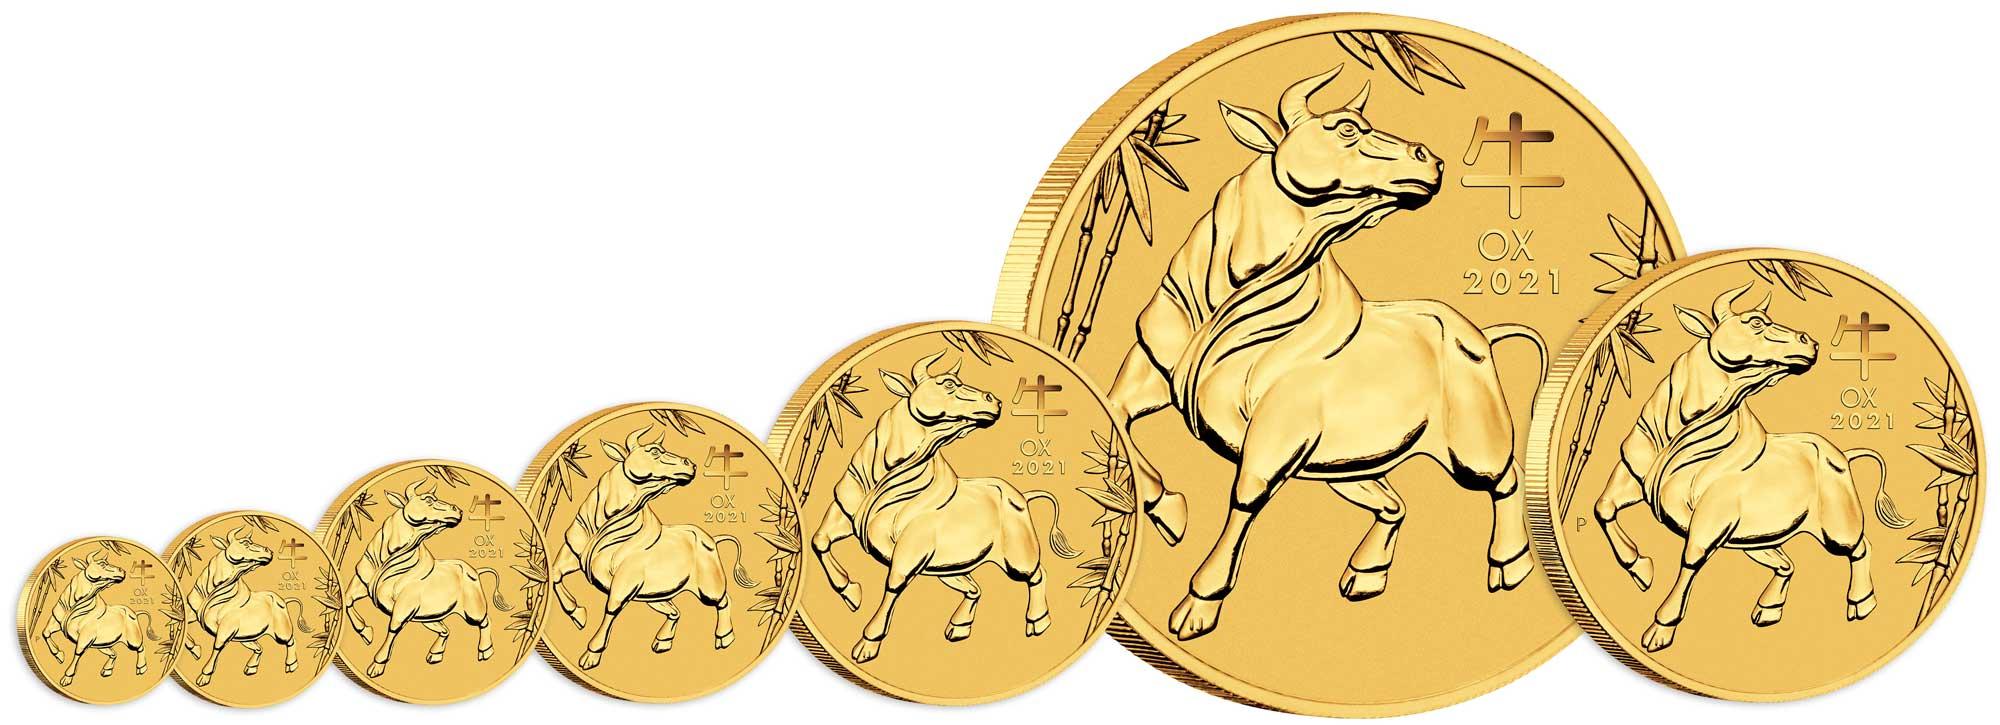 Pièces d'or Australie Année du Boeuf 2021